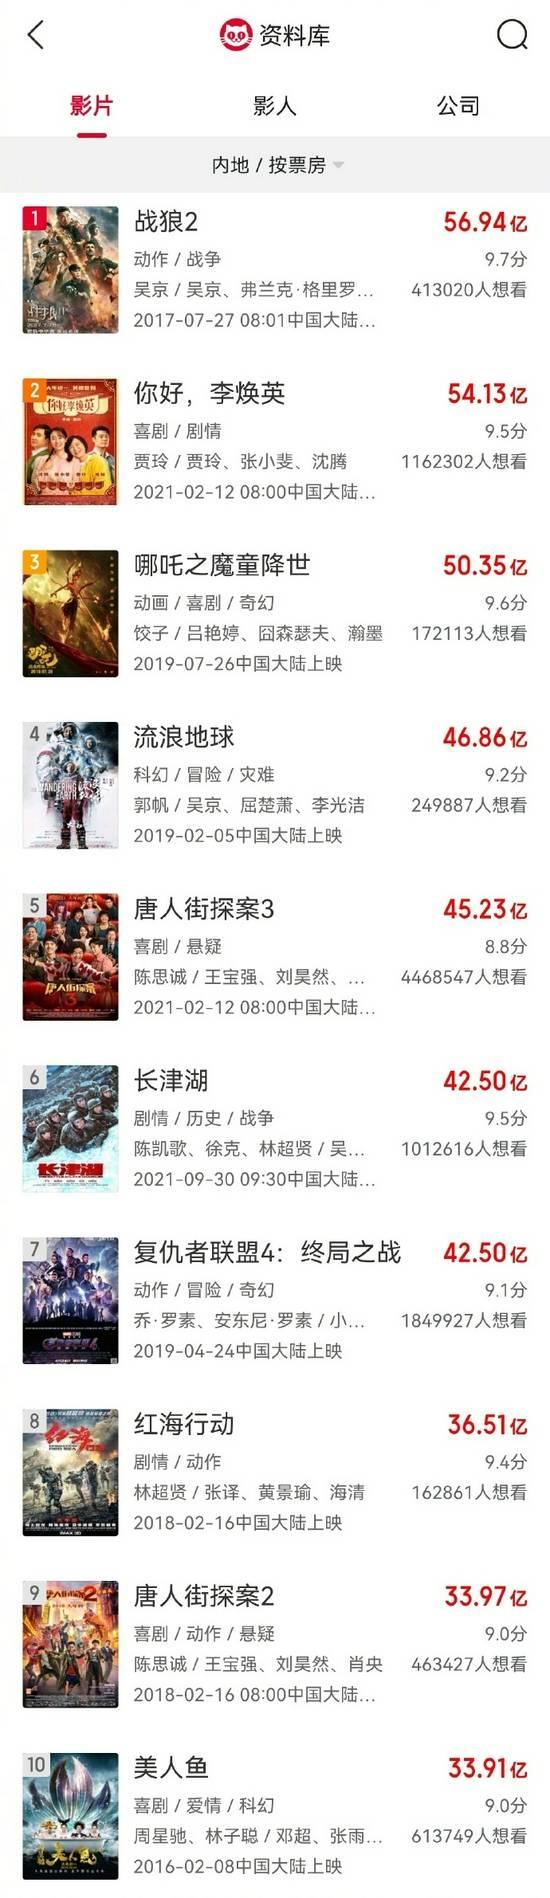 电影《长津湖》票房正式位列中国影史票房榜第6位